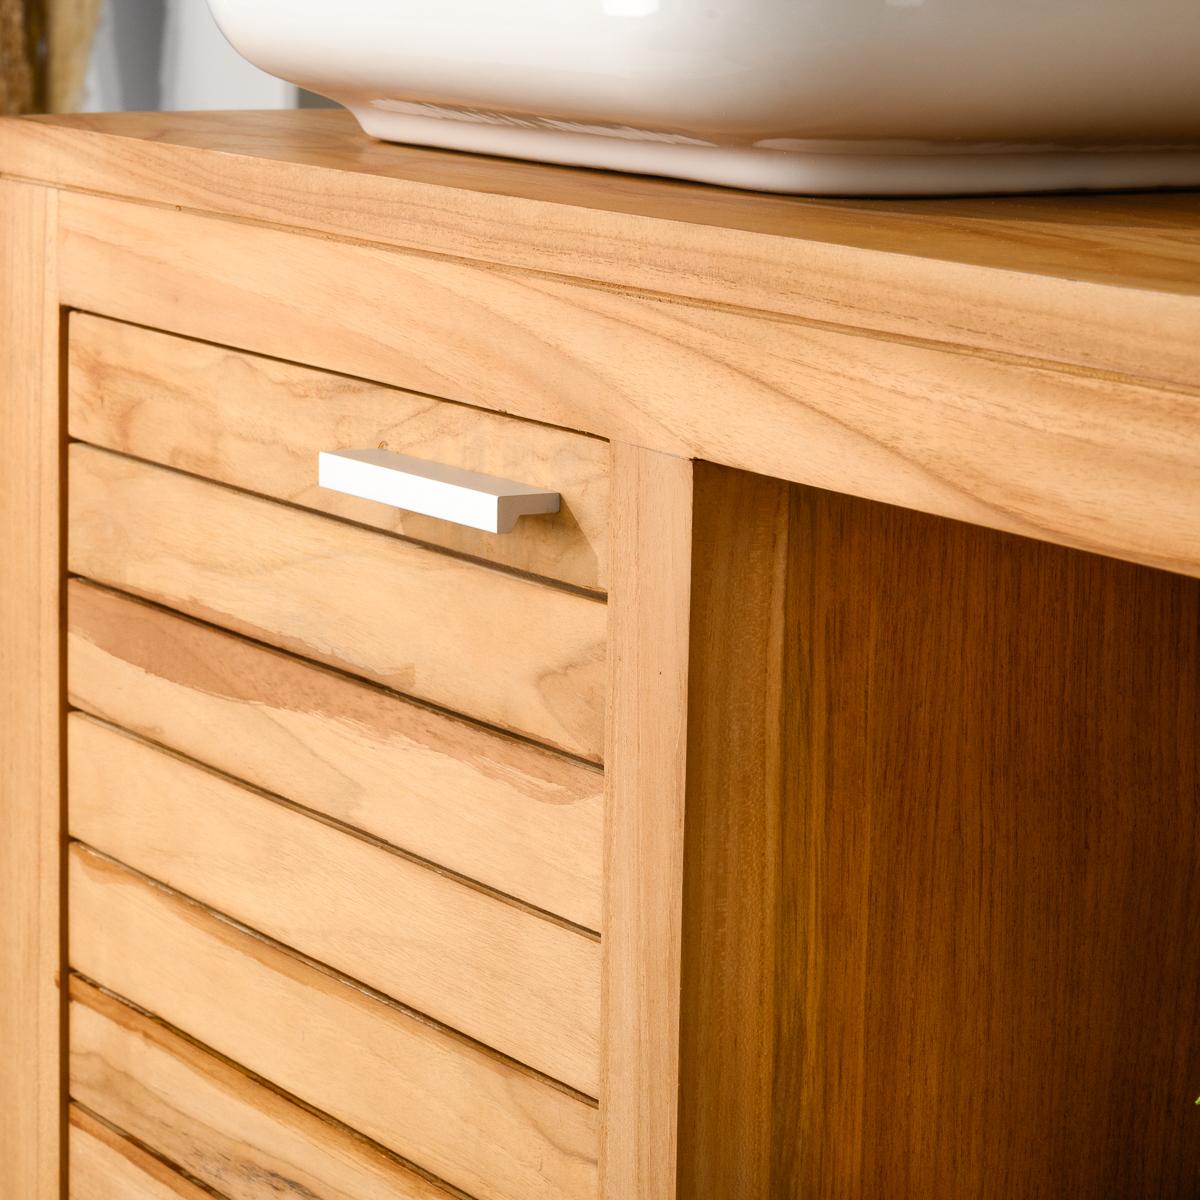 meuble sous vasque en teck les derni res. Black Bedroom Furniture Sets. Home Design Ideas